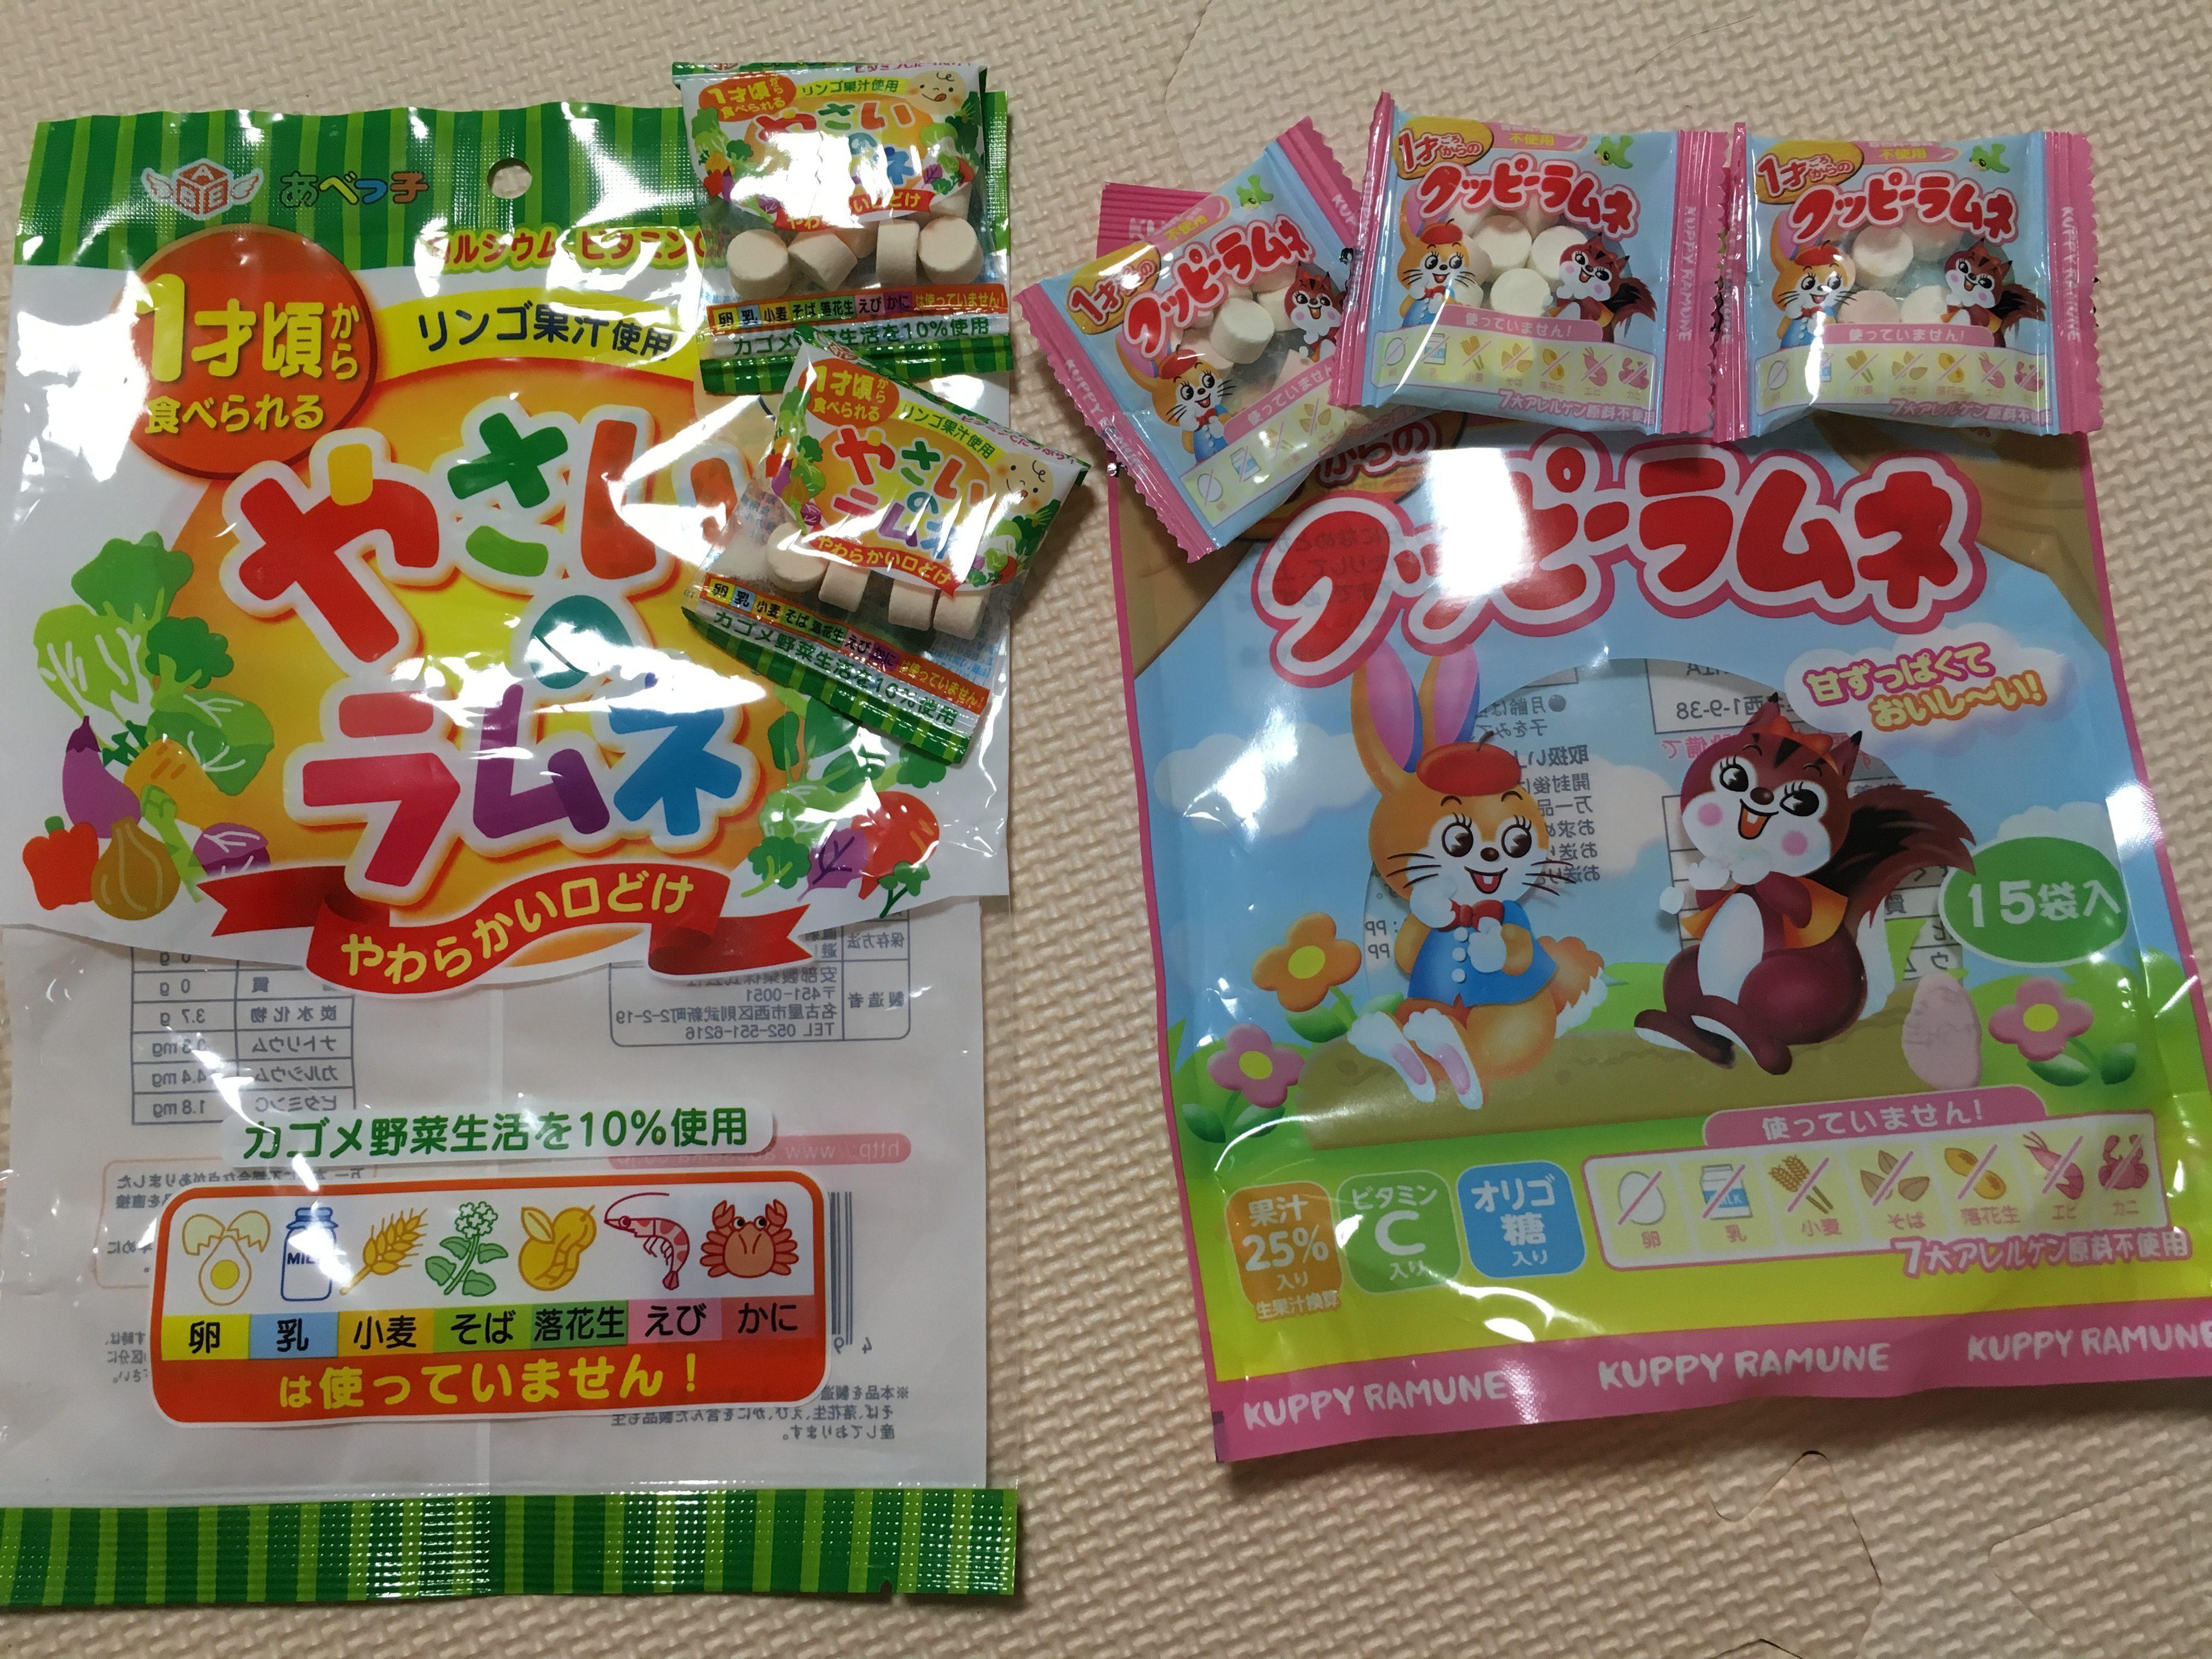 ラムネ菓子のパッケージの写真